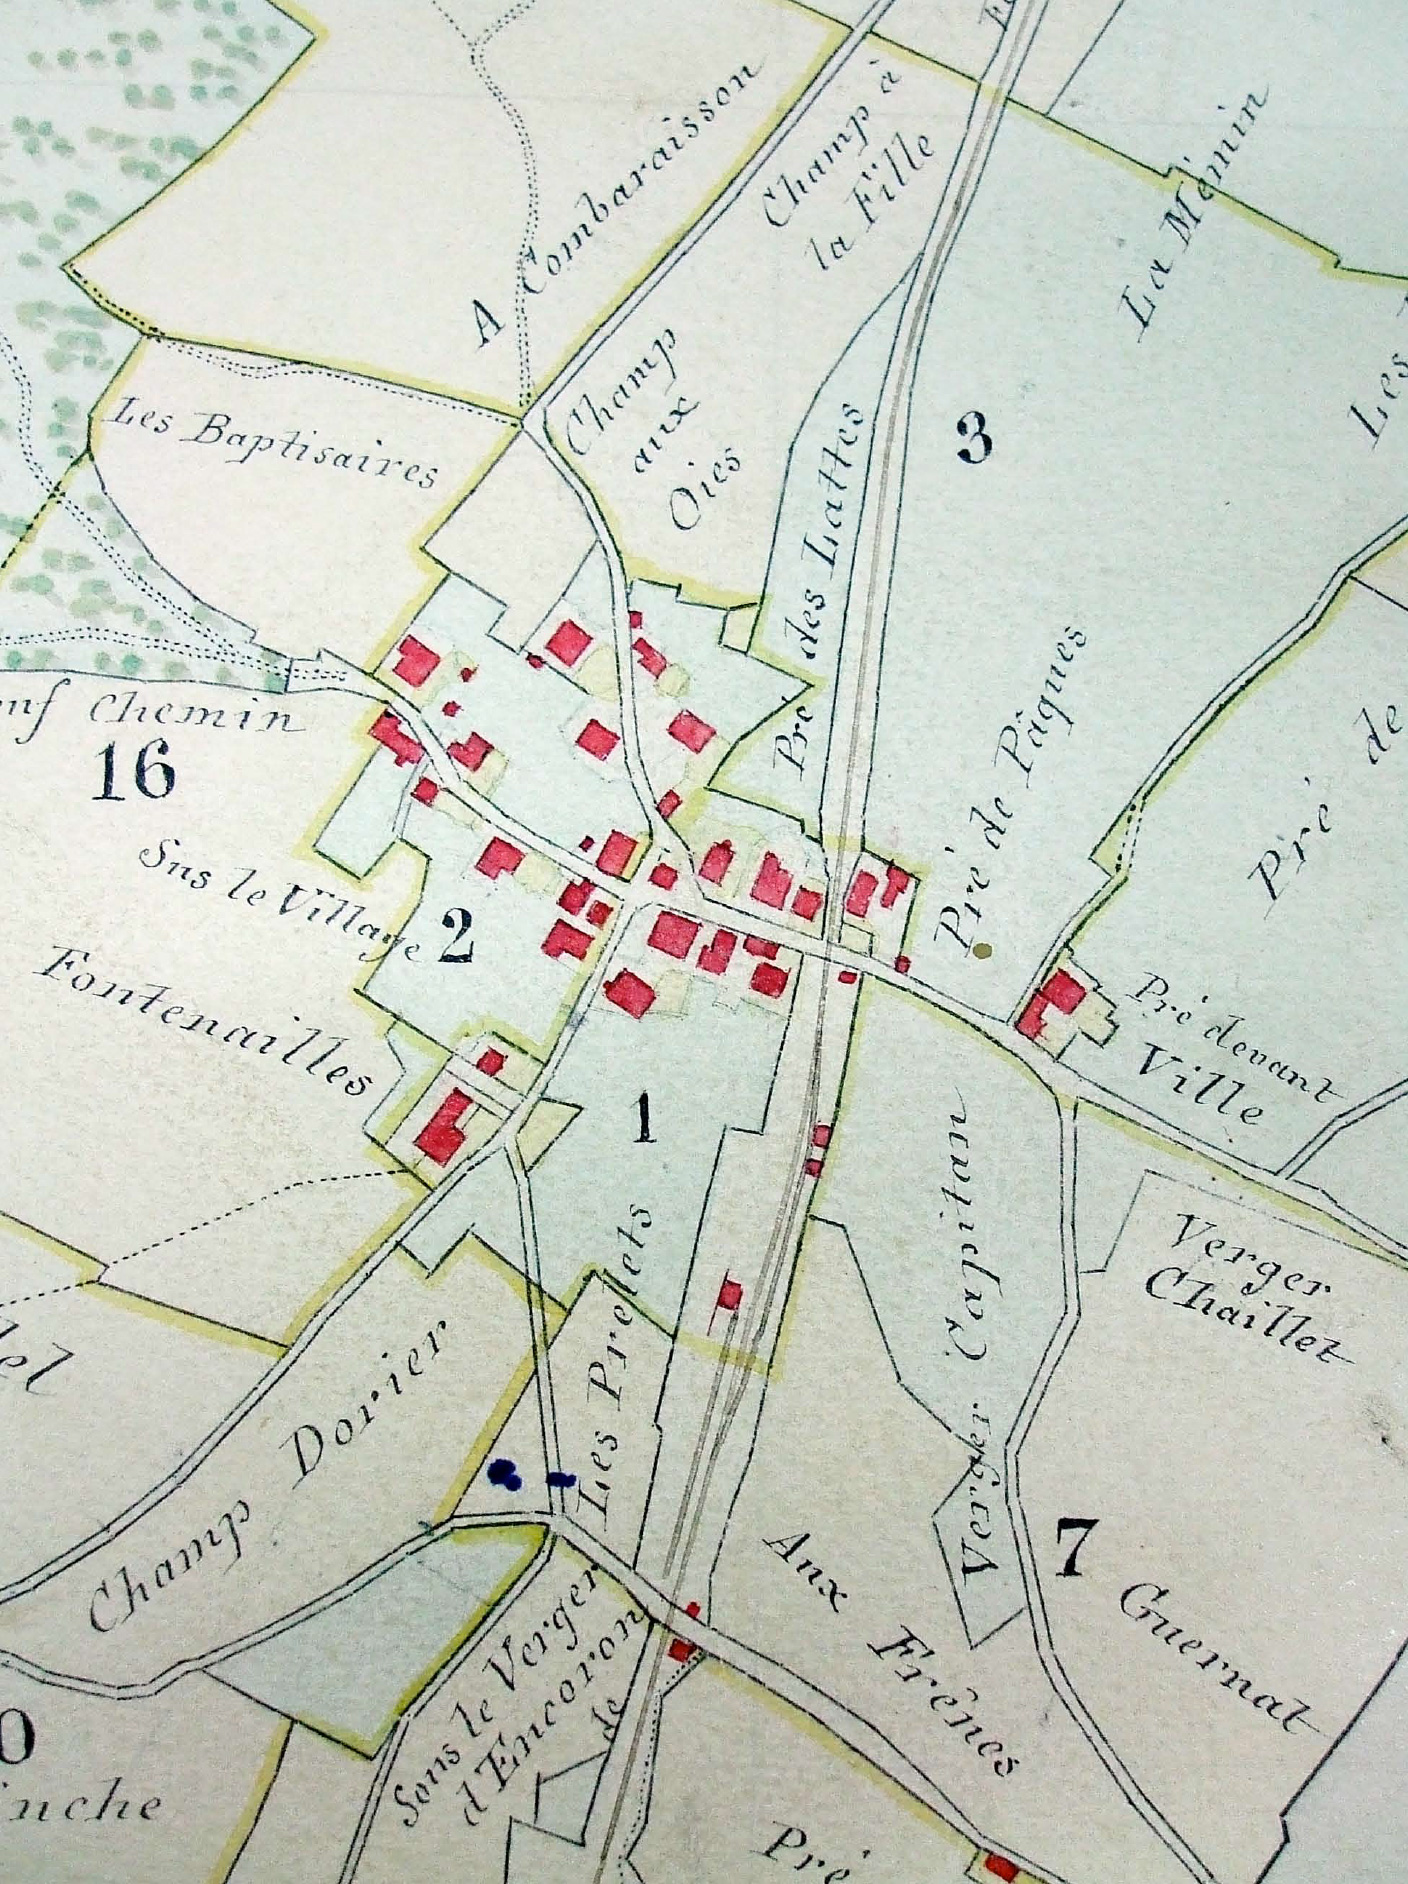 A la fin du XIXe siècle, les Geneveys-sur-Coffrane, un petit village agricole